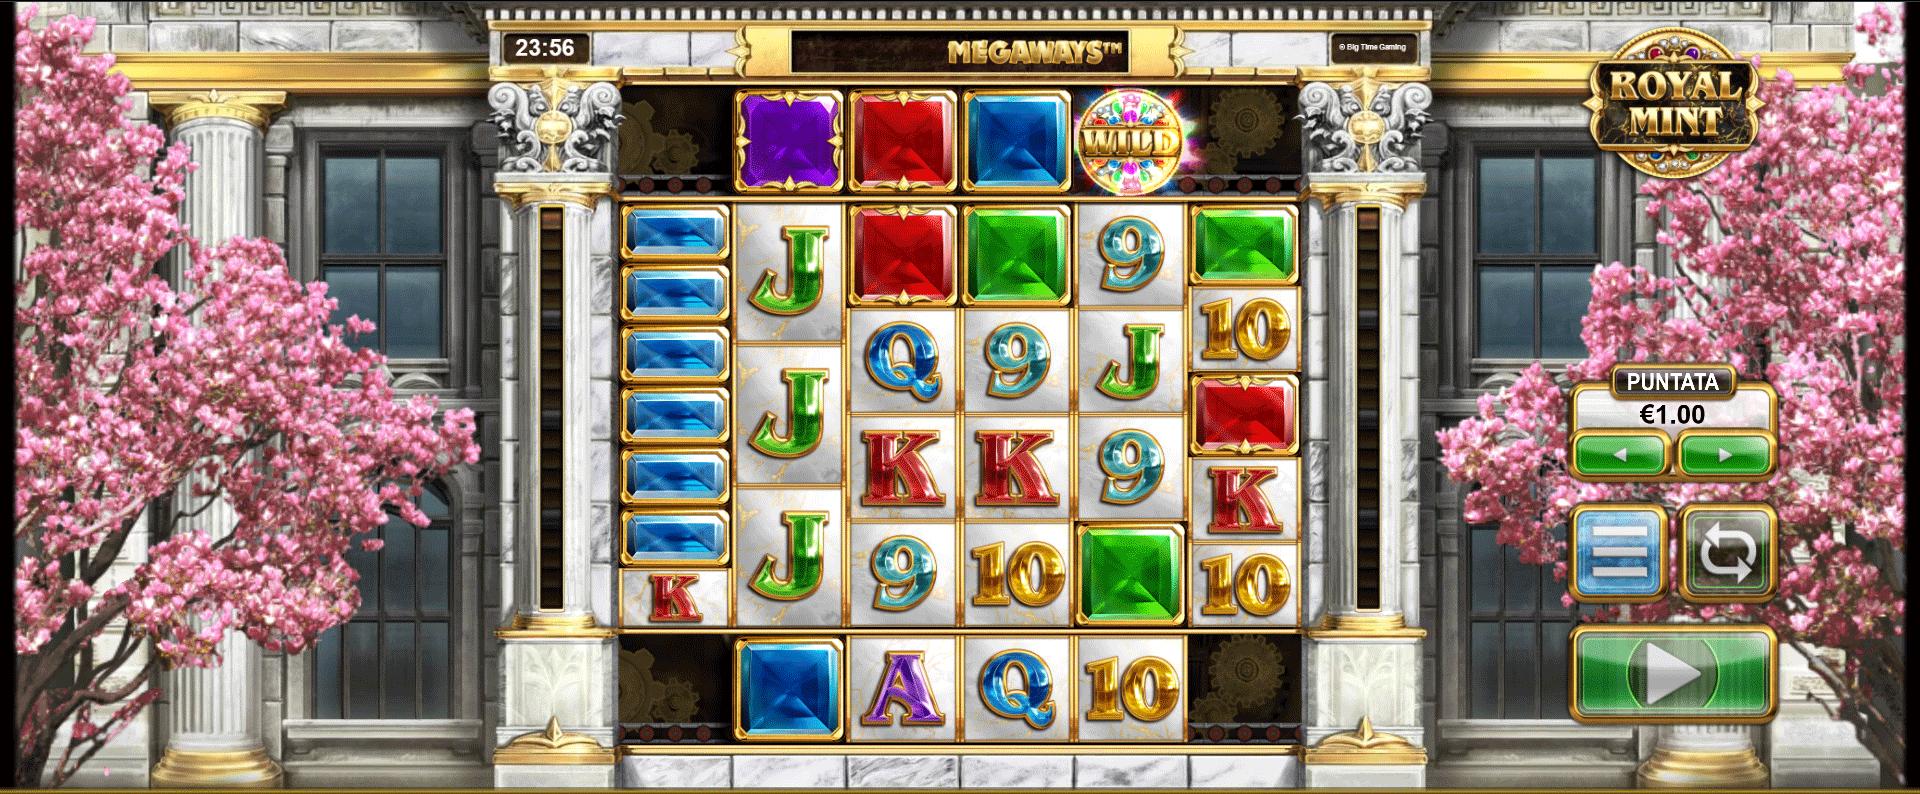 Slot Royal Mint Megaways